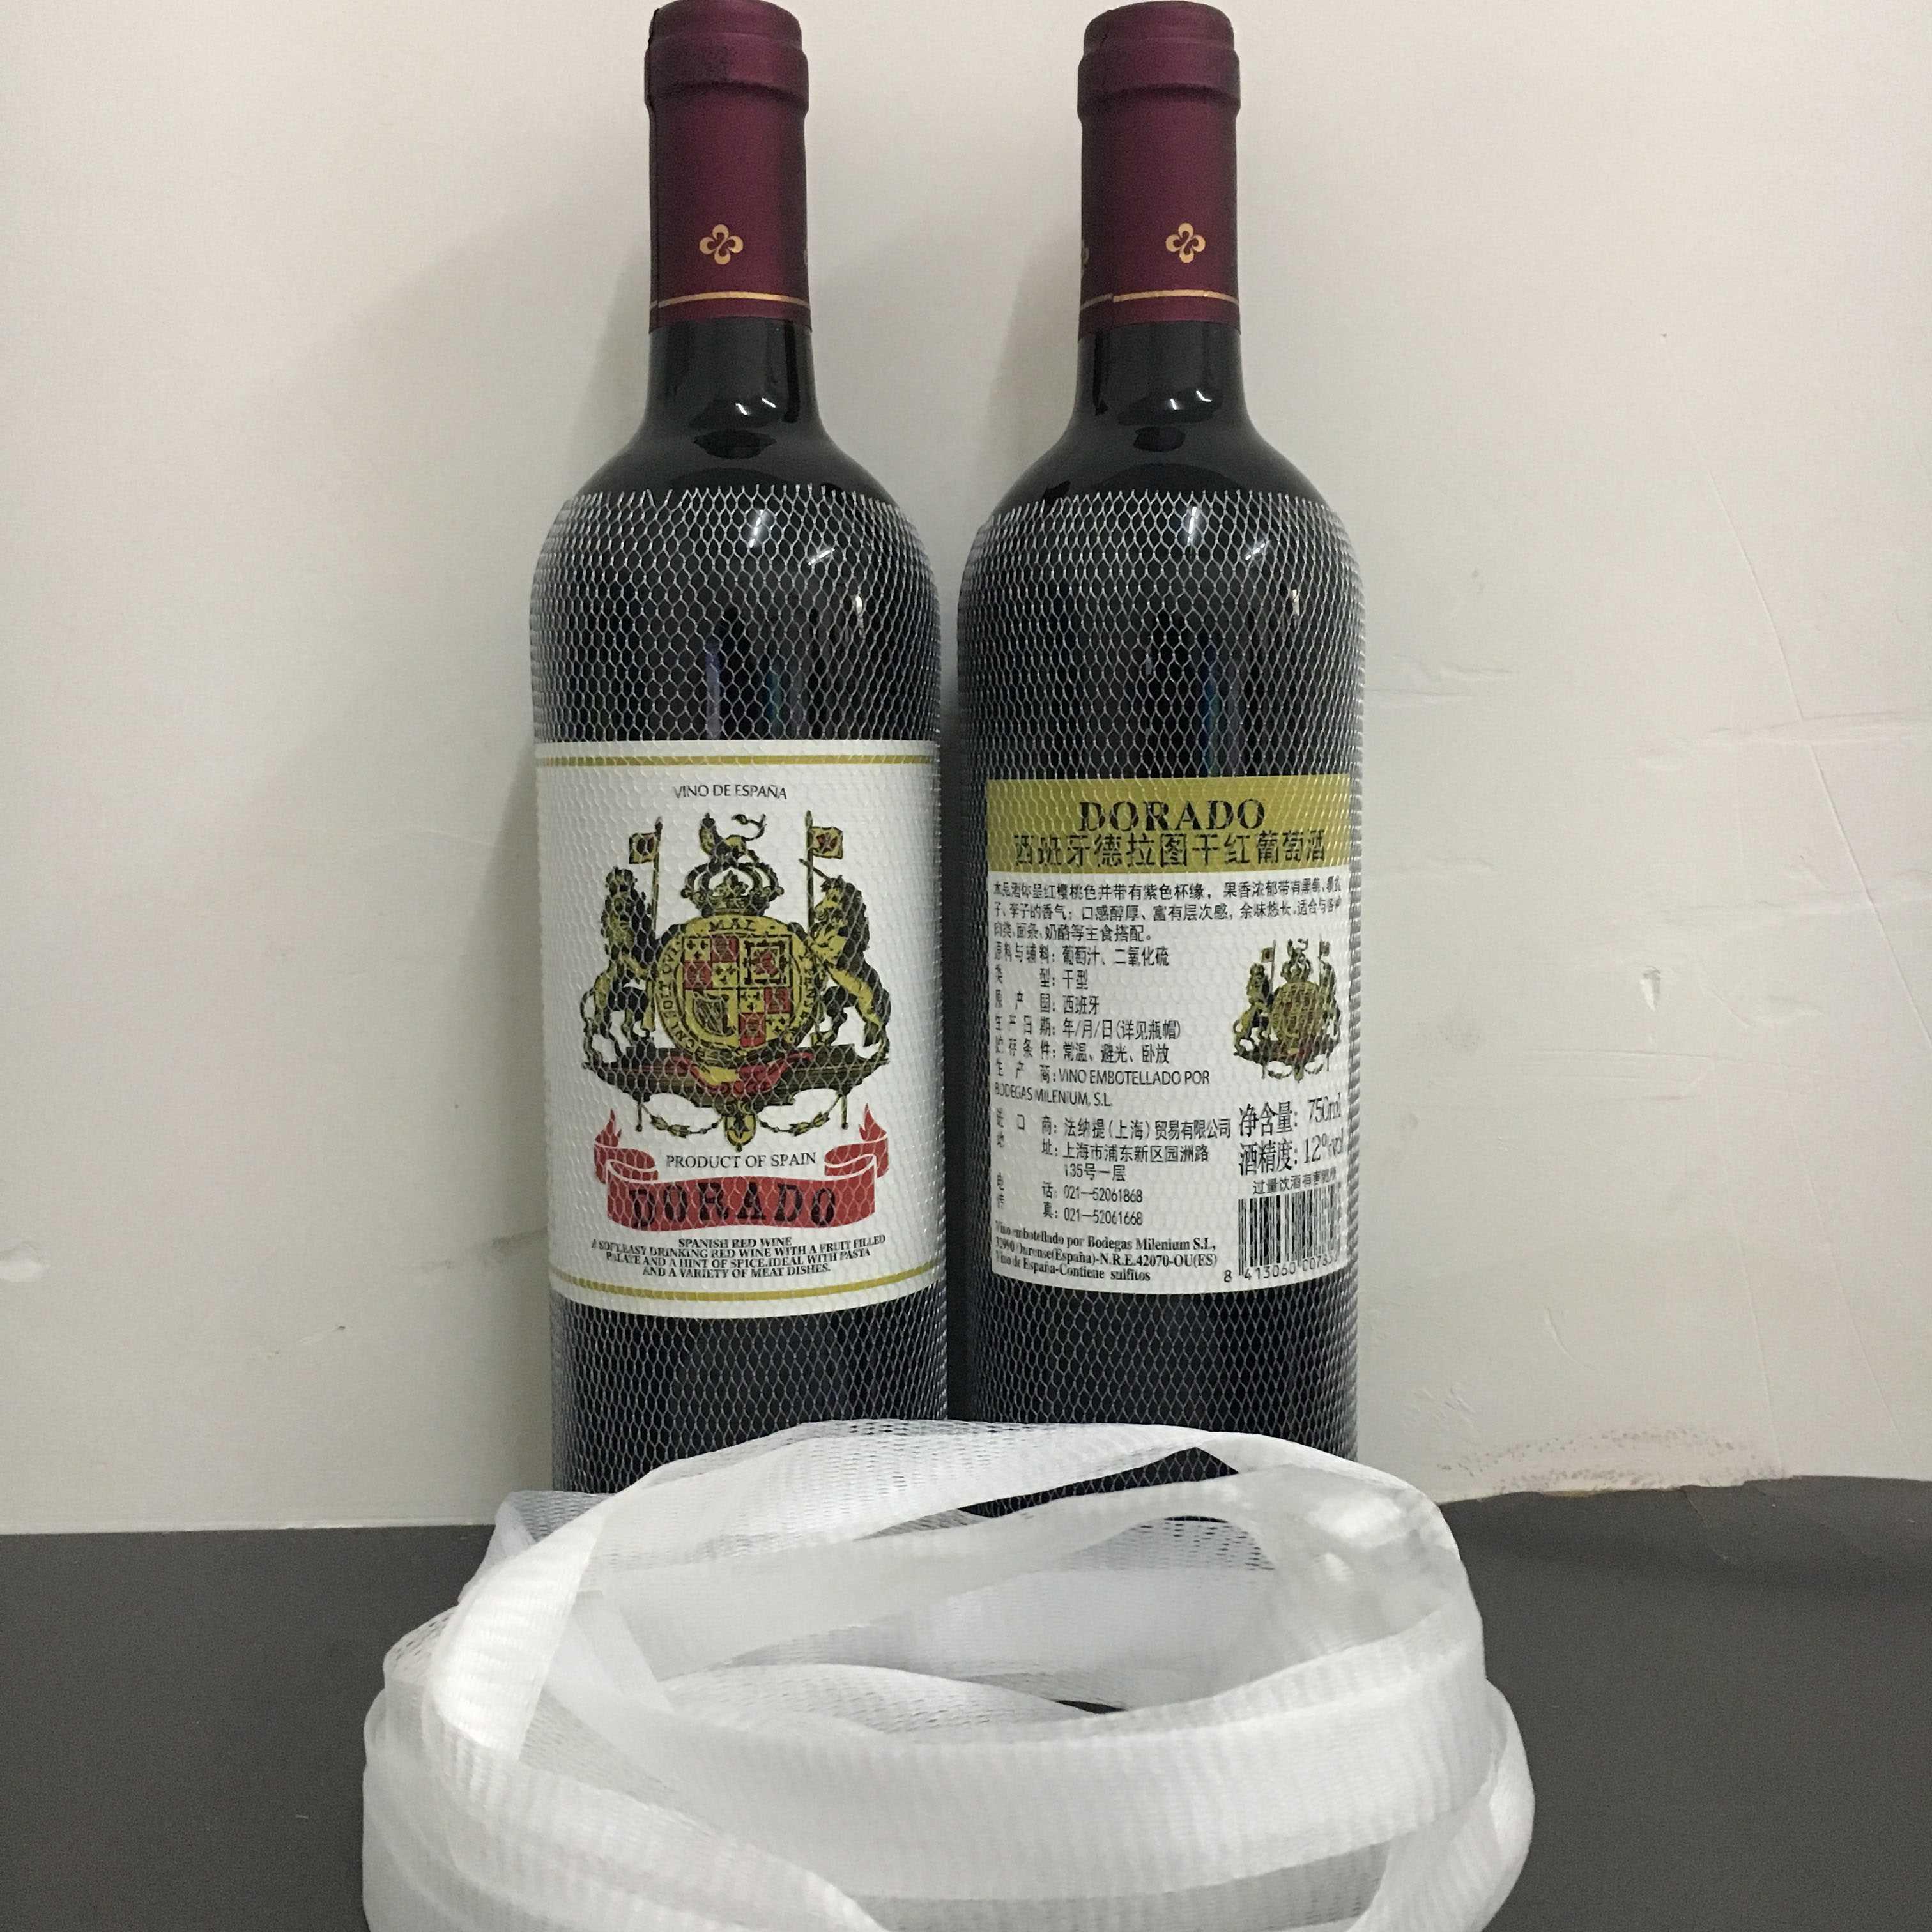 红酒瓶网套矿泉水瓶网套减震包装网套保护网酒庄酒瓶保护厂家直销